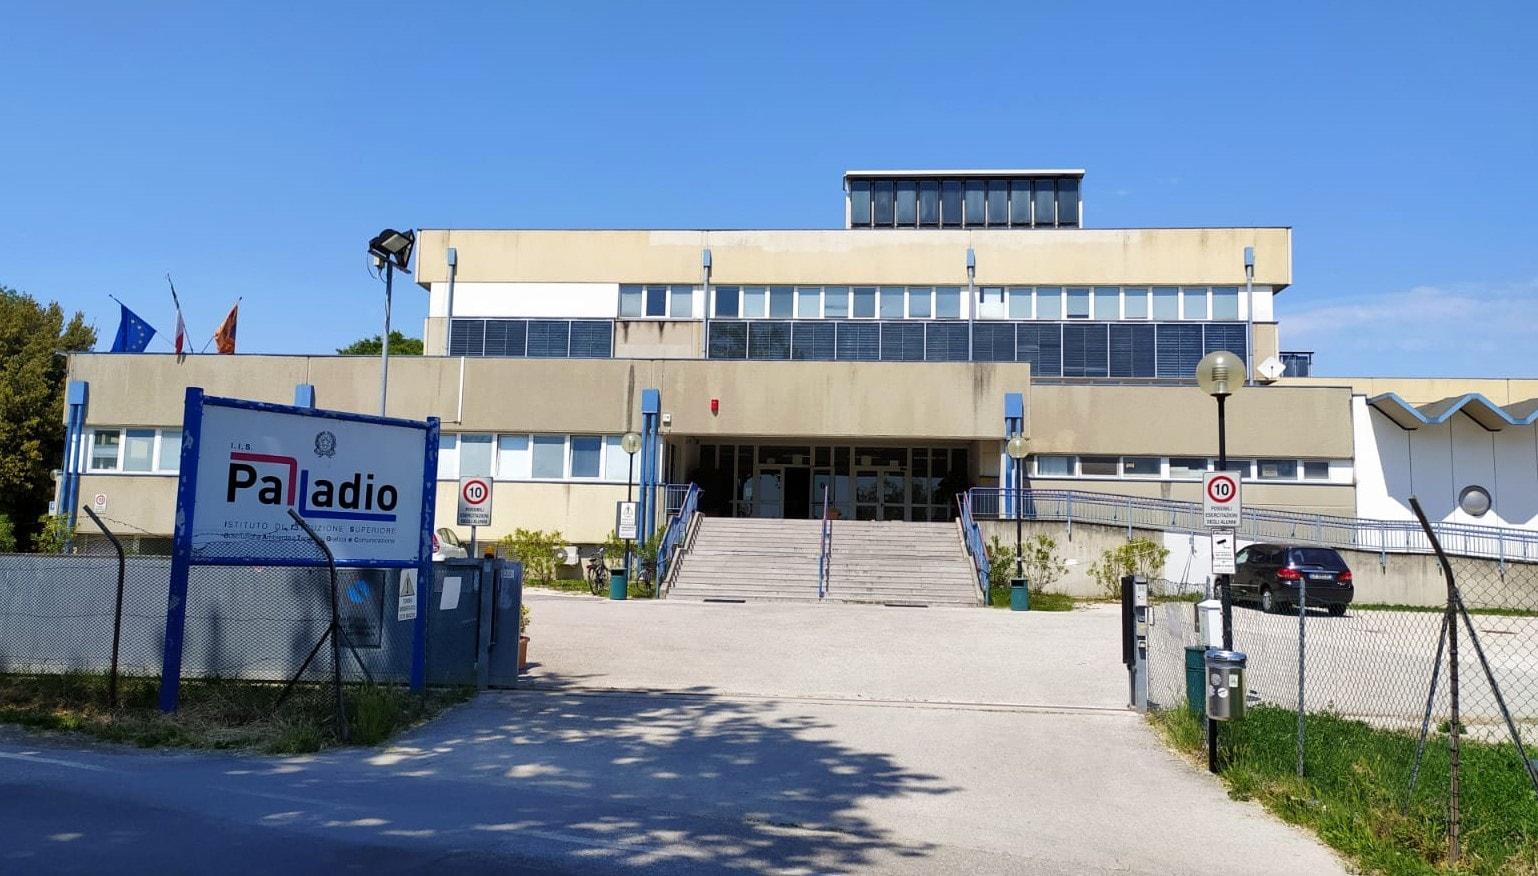 Palladio-3